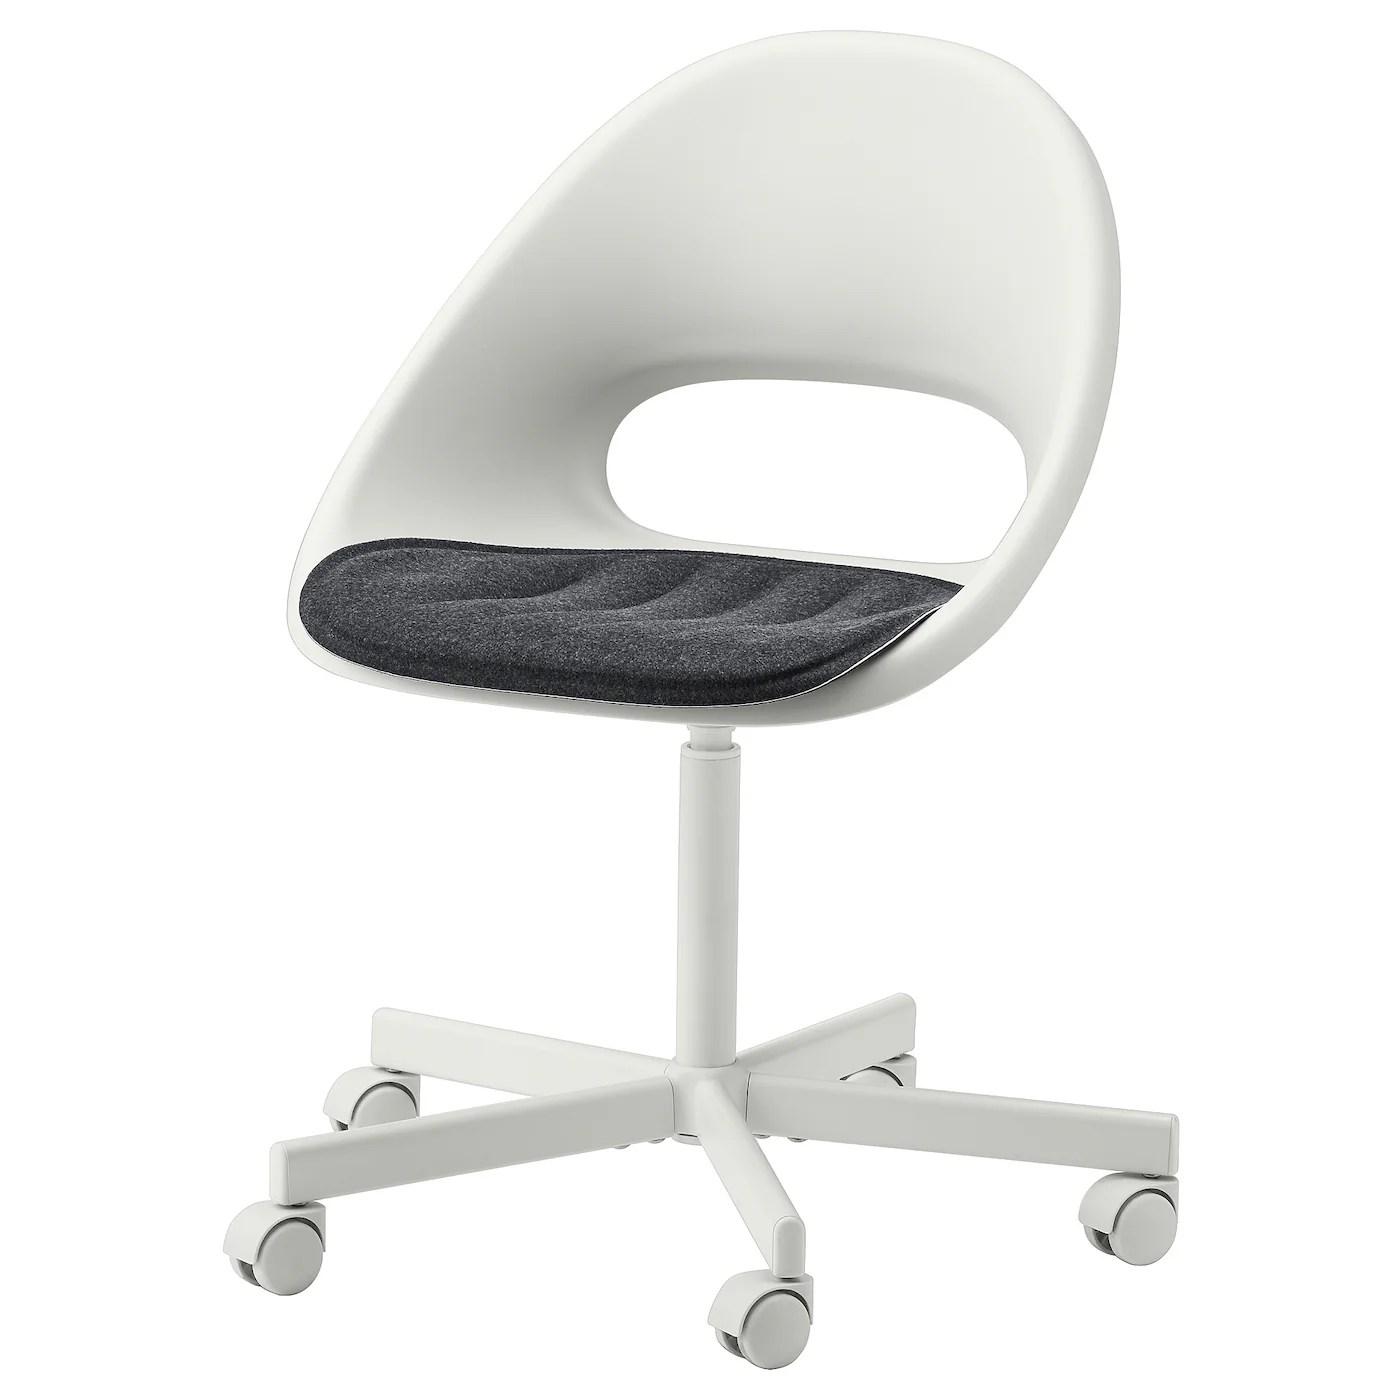 Sedia da ufficio ikea in 00179 roma for €80.00 for sale … sedie ergonomiche da ufficio ikea. Sedie Da Scrivania Ikea It